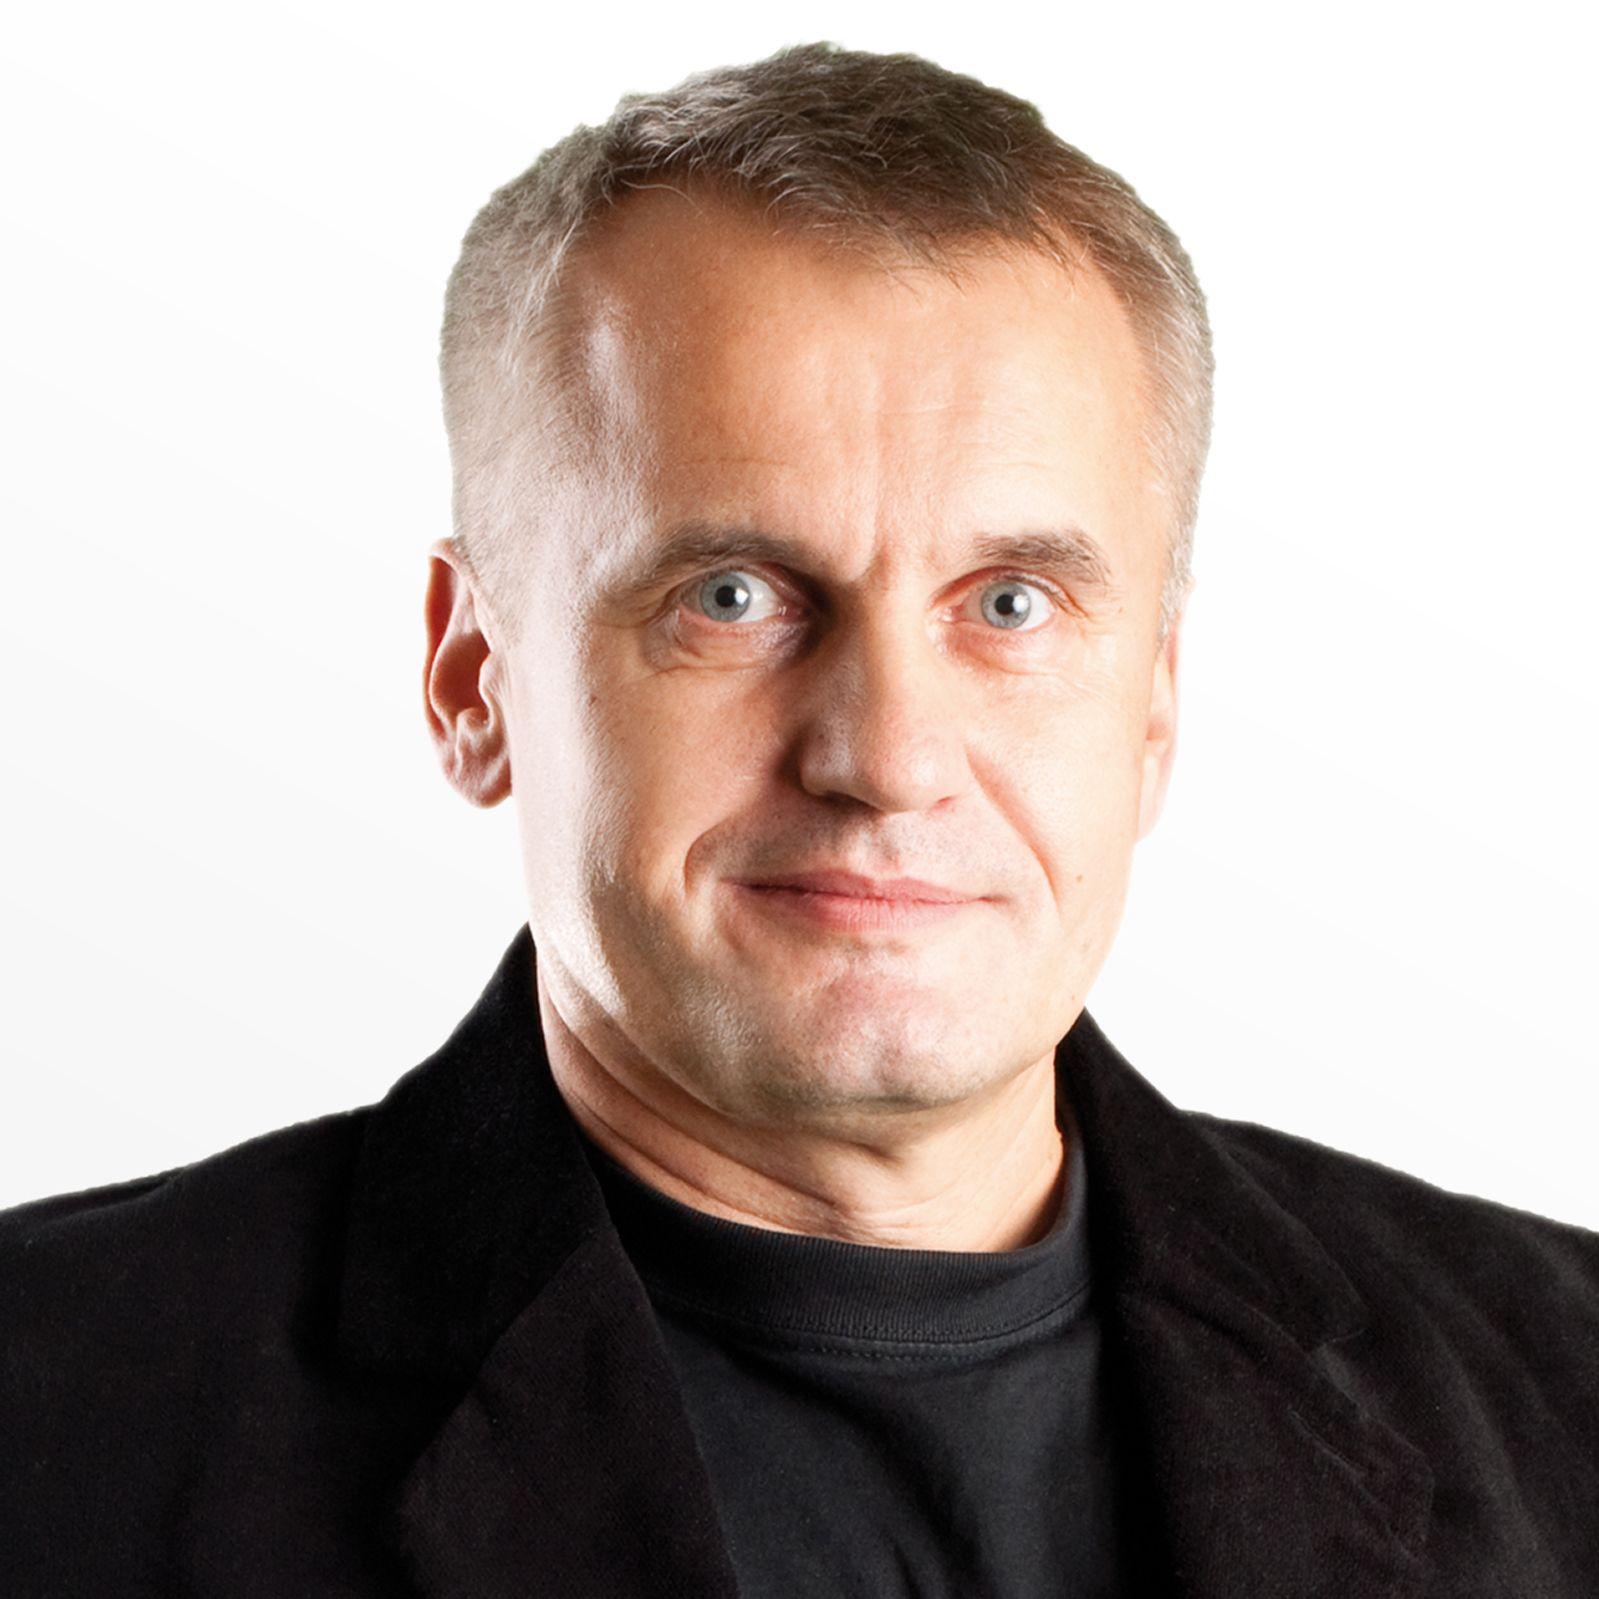 Pułapki konsekwencji - prof. Dariusz Doliński